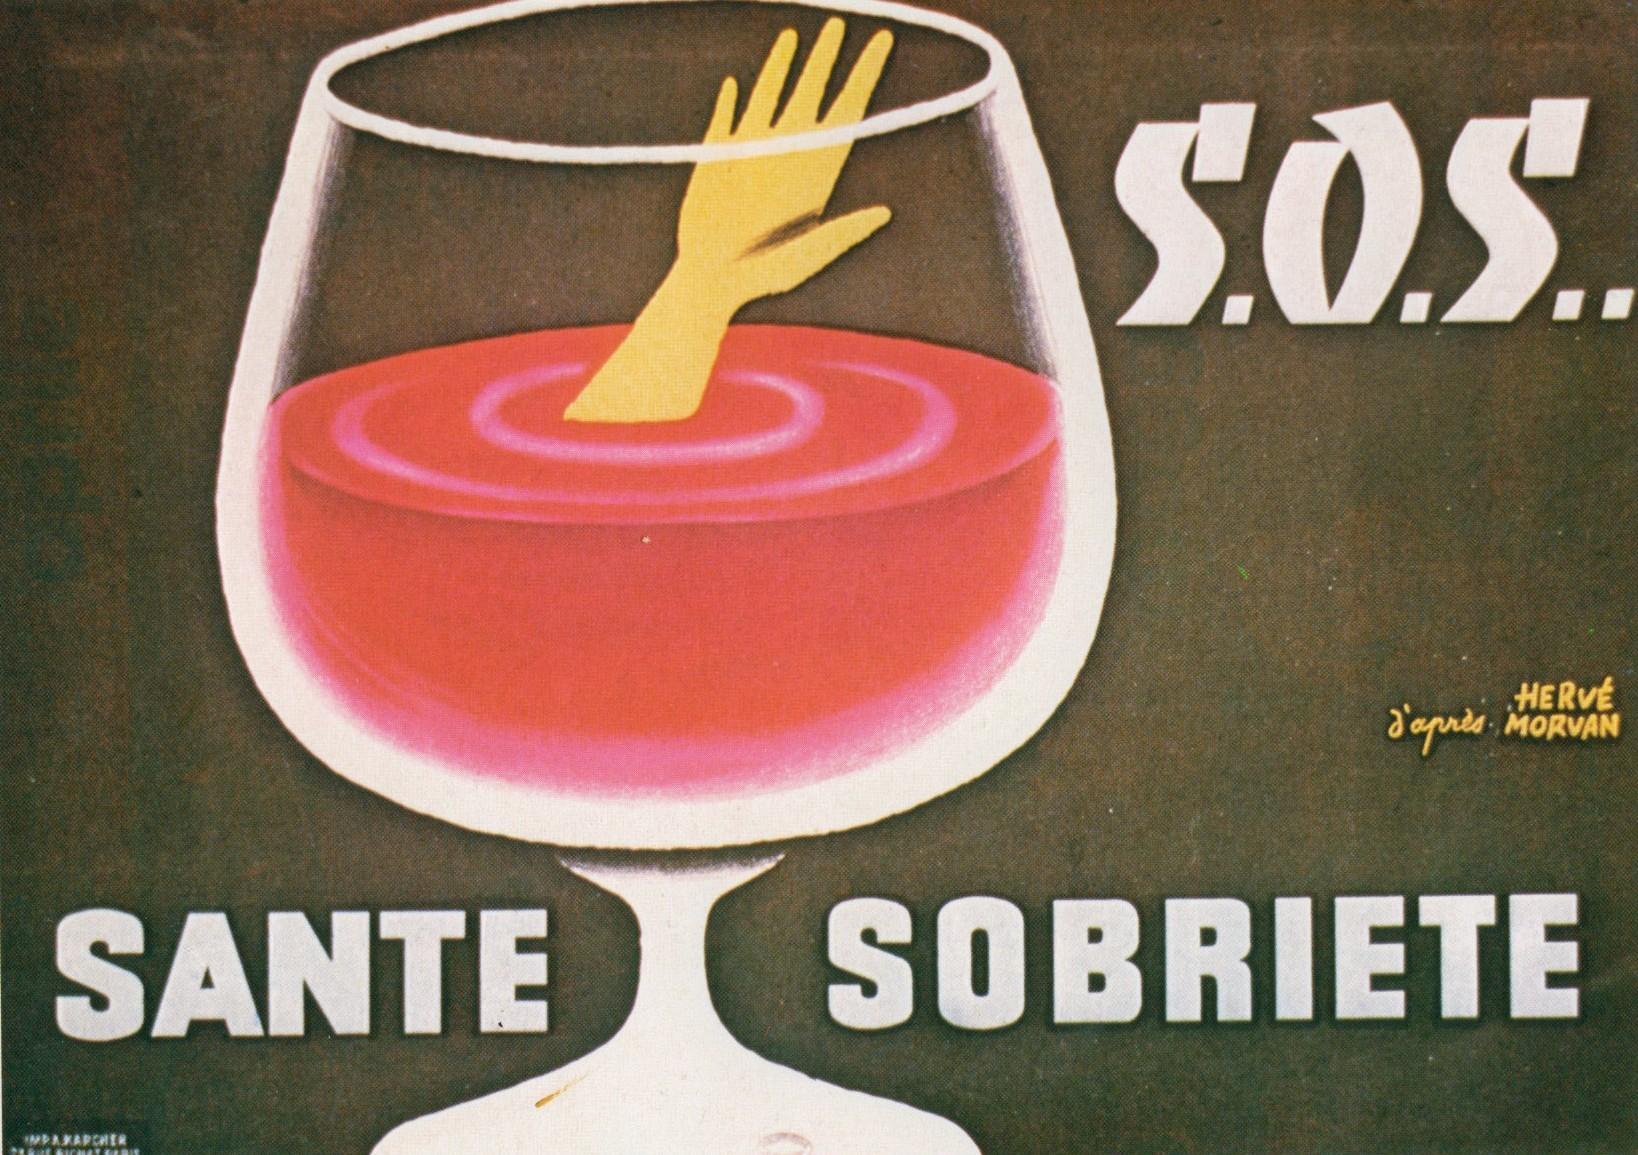 Publicite 1950 1965 46